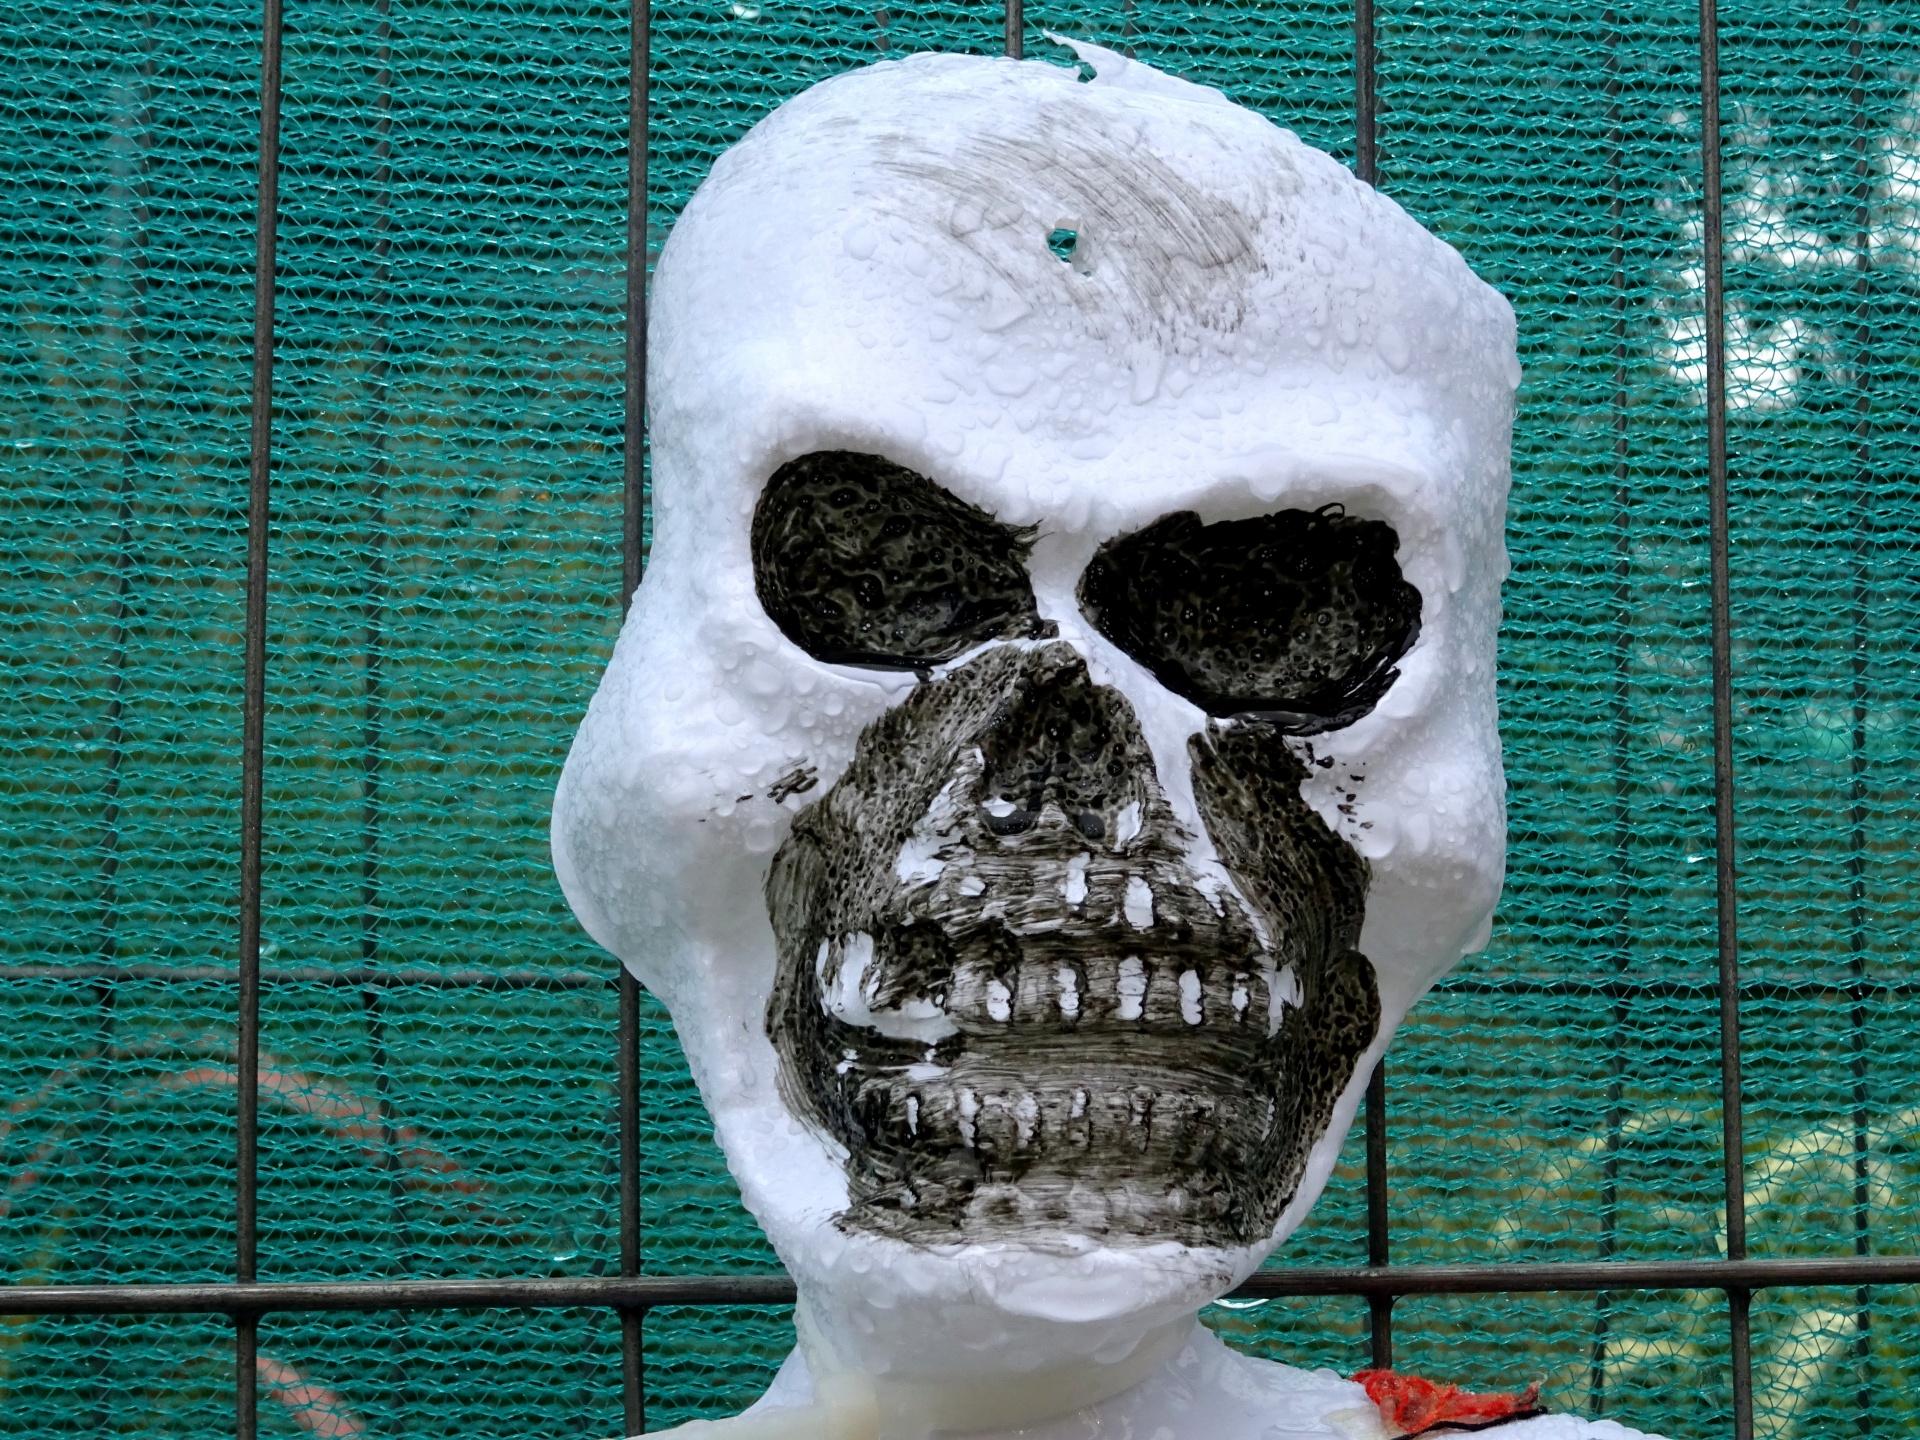 Skeleton,skeletons,skull,skulls,scare - free image from need